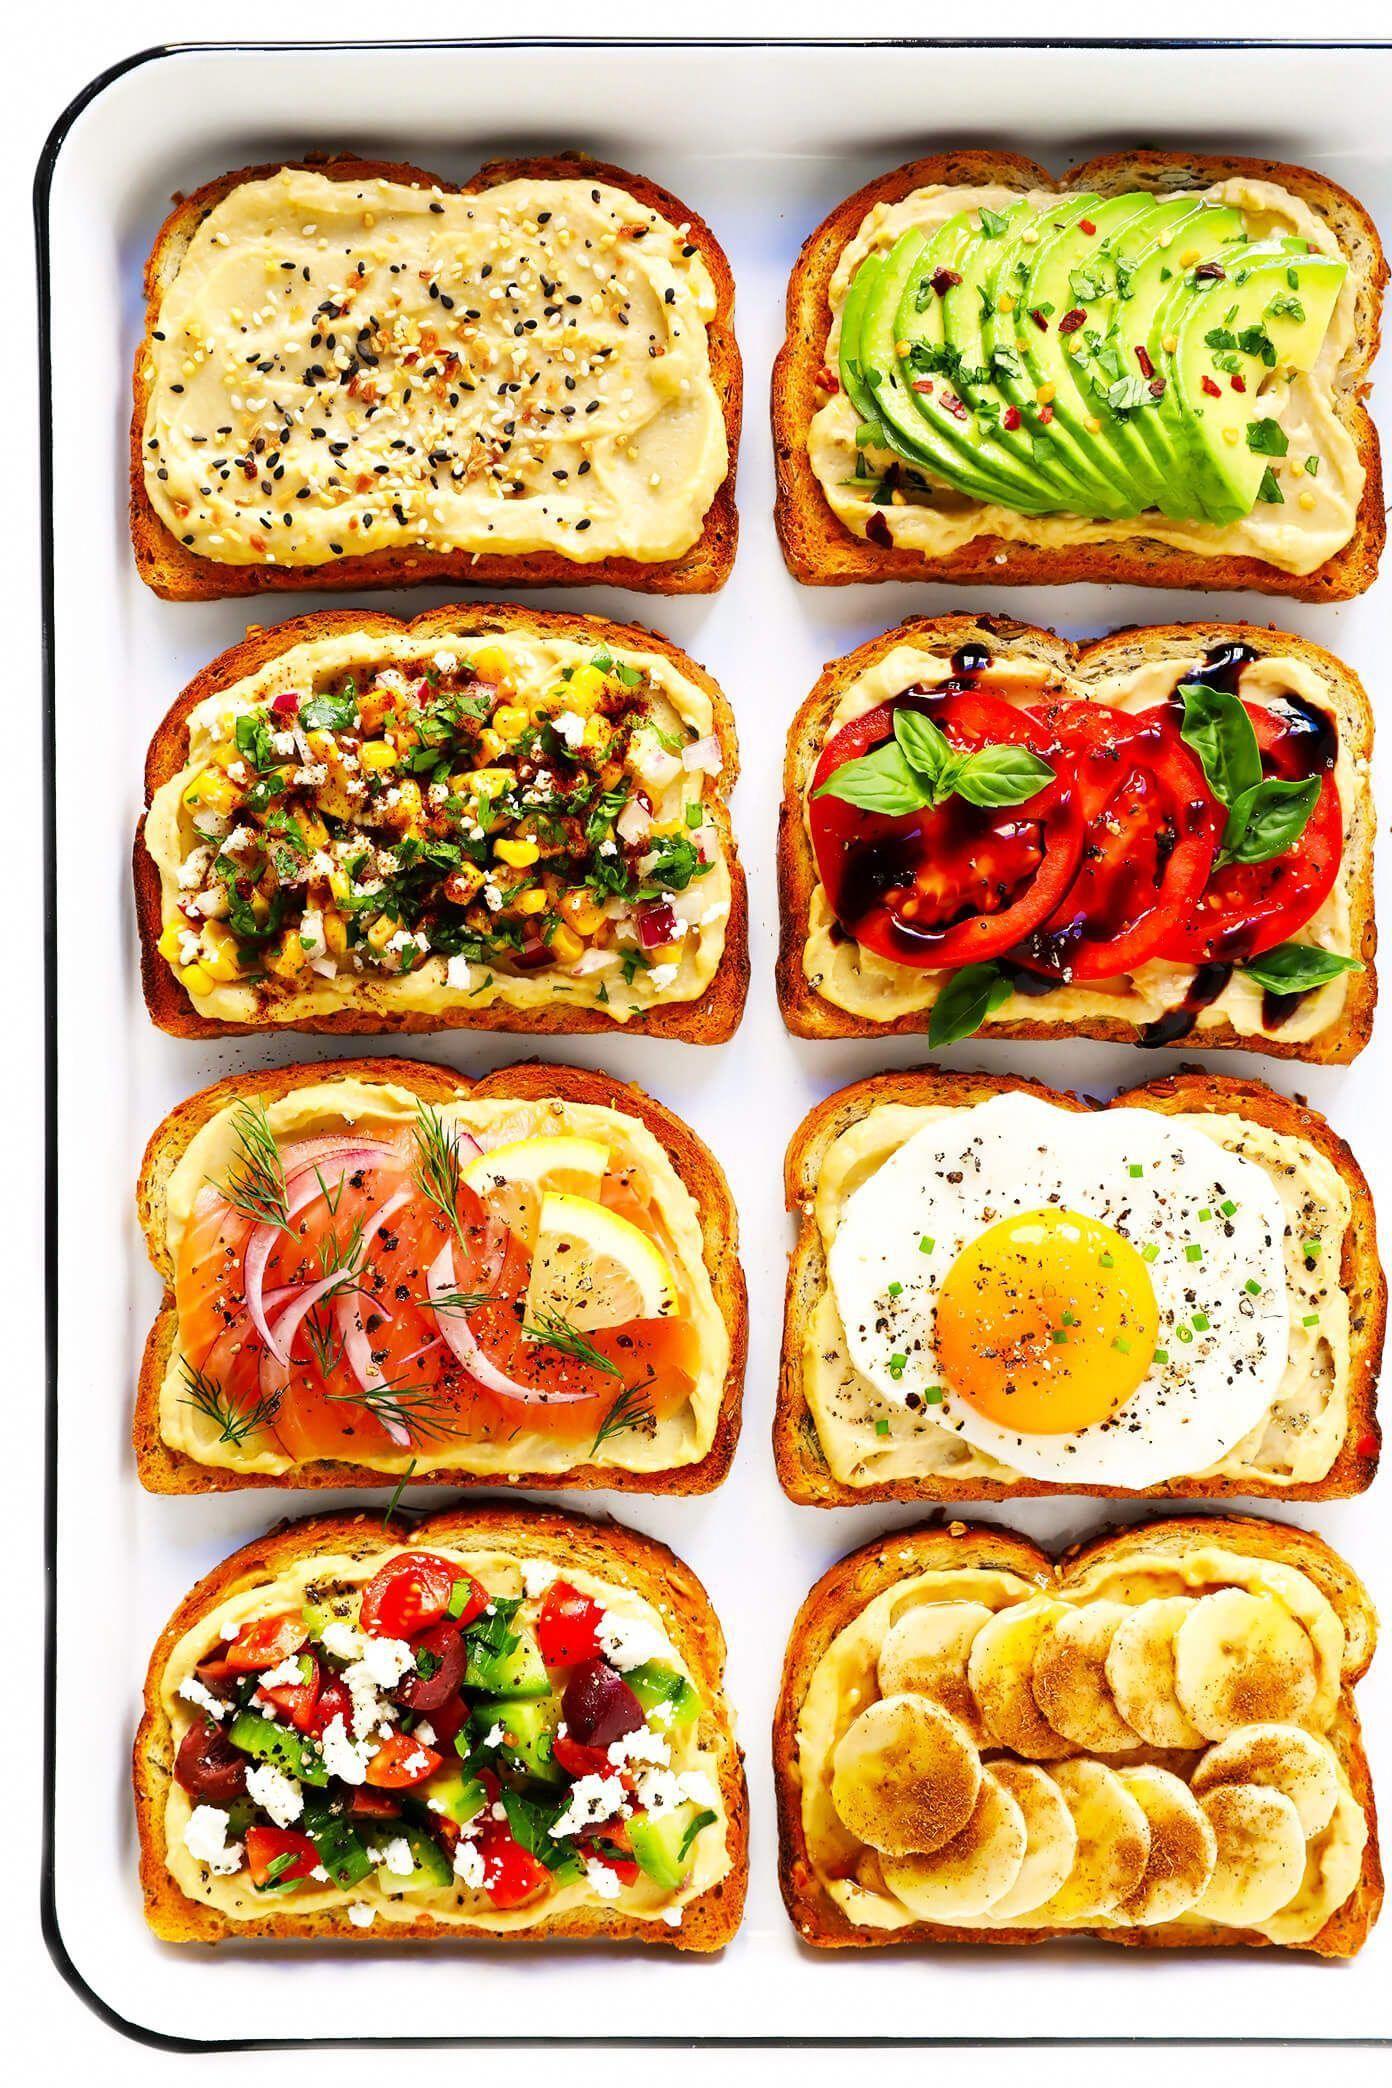 Hummus Toast é divertido de personalizar com suas coberturas favoritas, e contribui para um delicioso café da manhã, almoço, jantar ou lanche saudável!  Leia mais para mais detalhes sobre 8 de nossas coberturas favoritas -